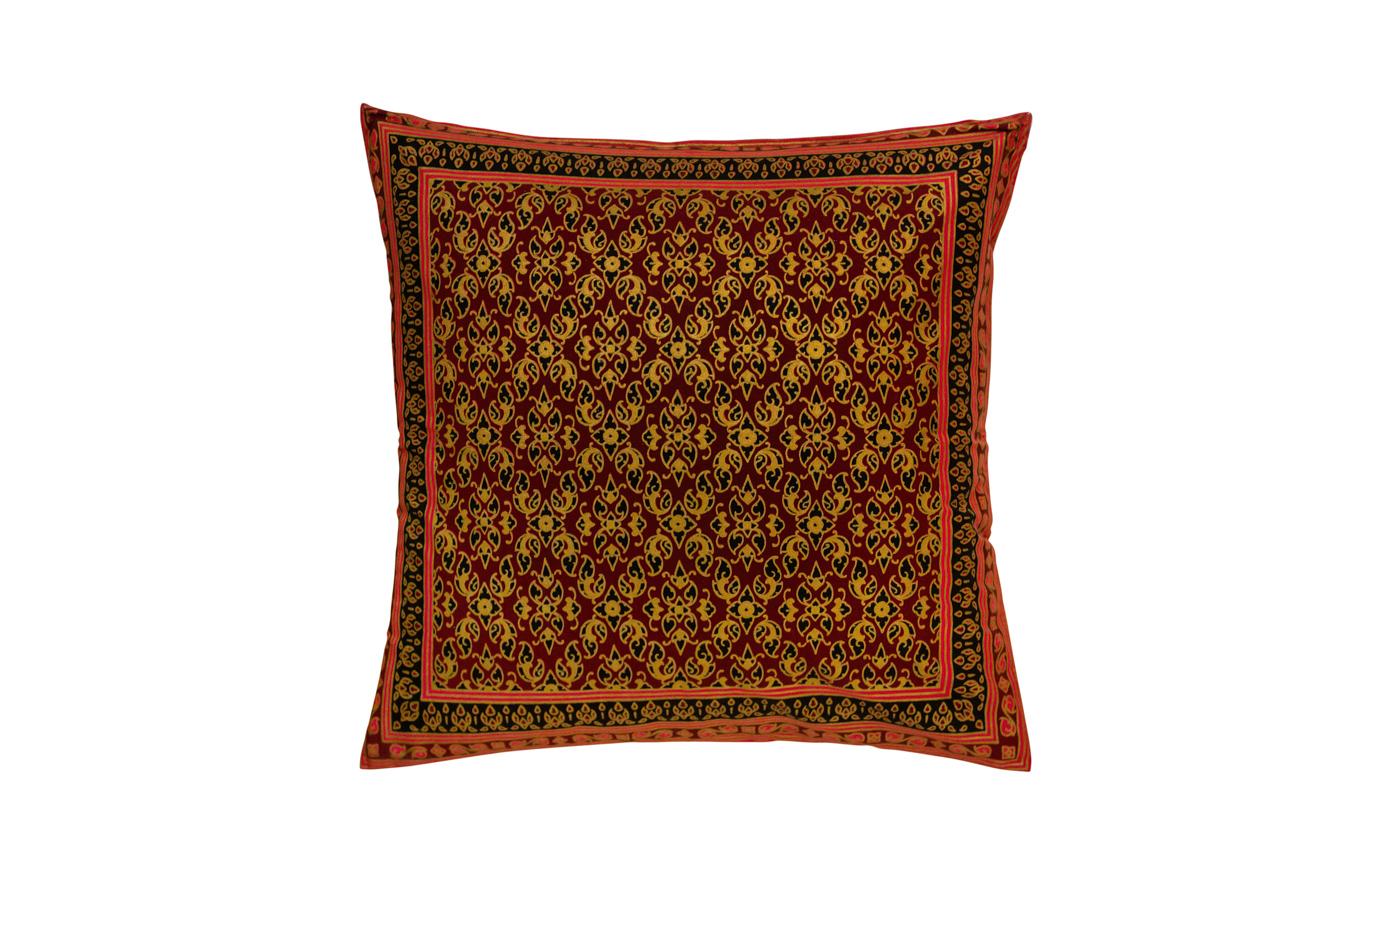 Cojín en seda con estampados florales-rojo/café